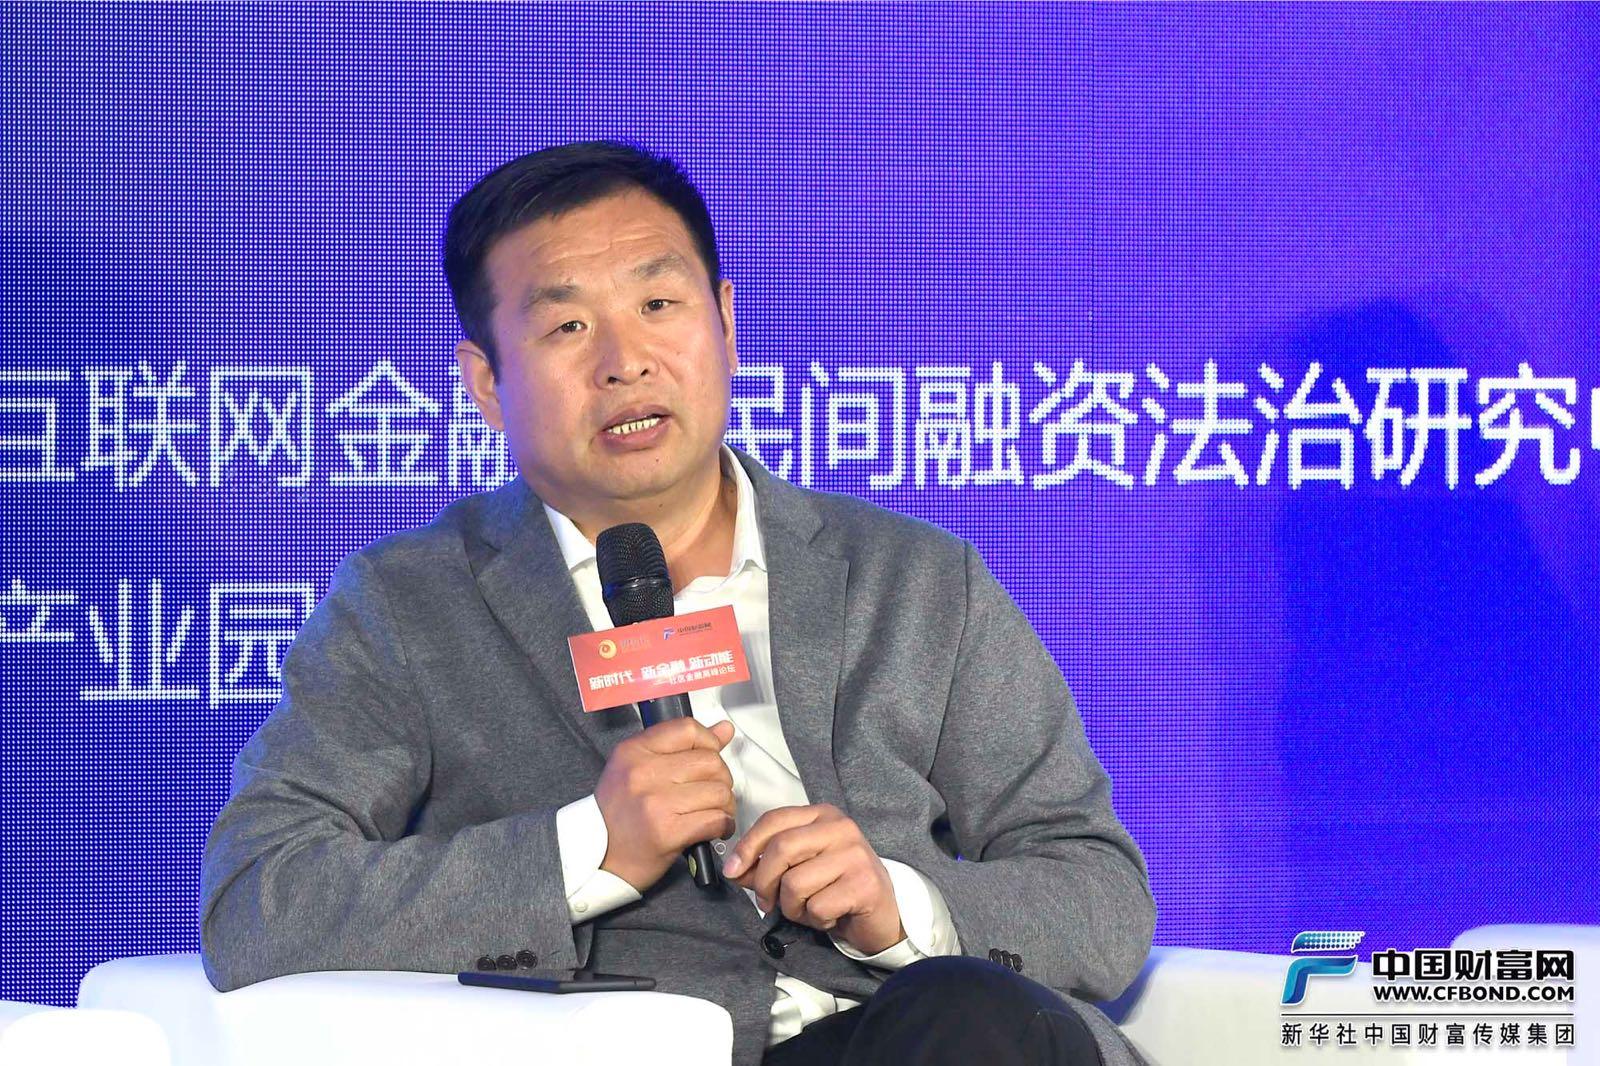 圆桌论坛嘉宾:北京市互联网金融协会秘书长 翼龙贷CEO王思聪